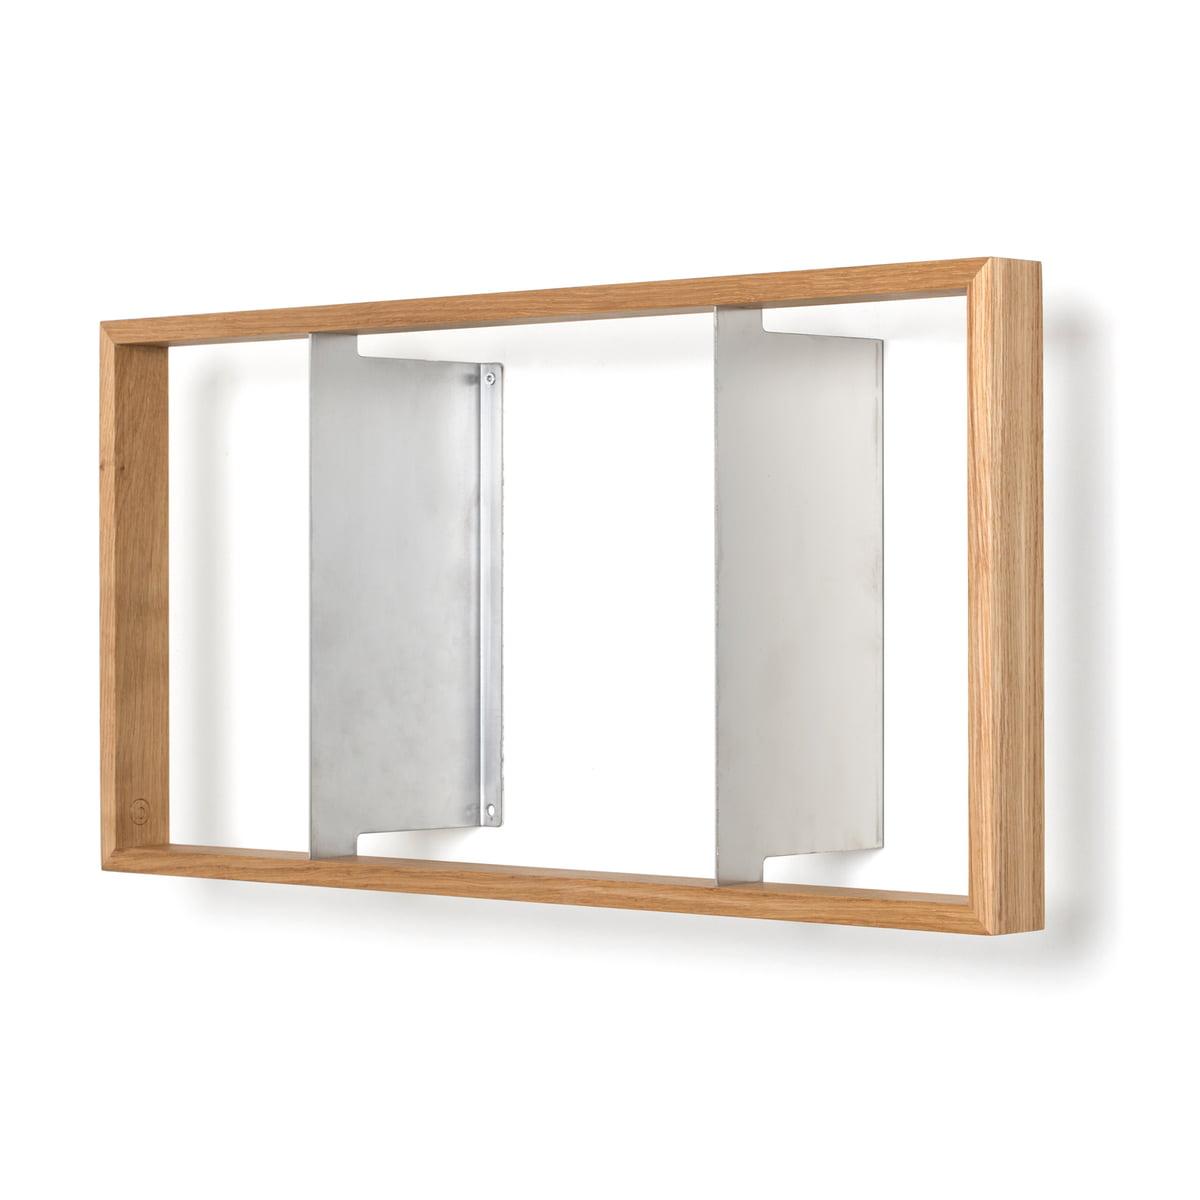 das kleine b b hylde h 340 mm. Black Bedroom Furniture Sets. Home Design Ideas